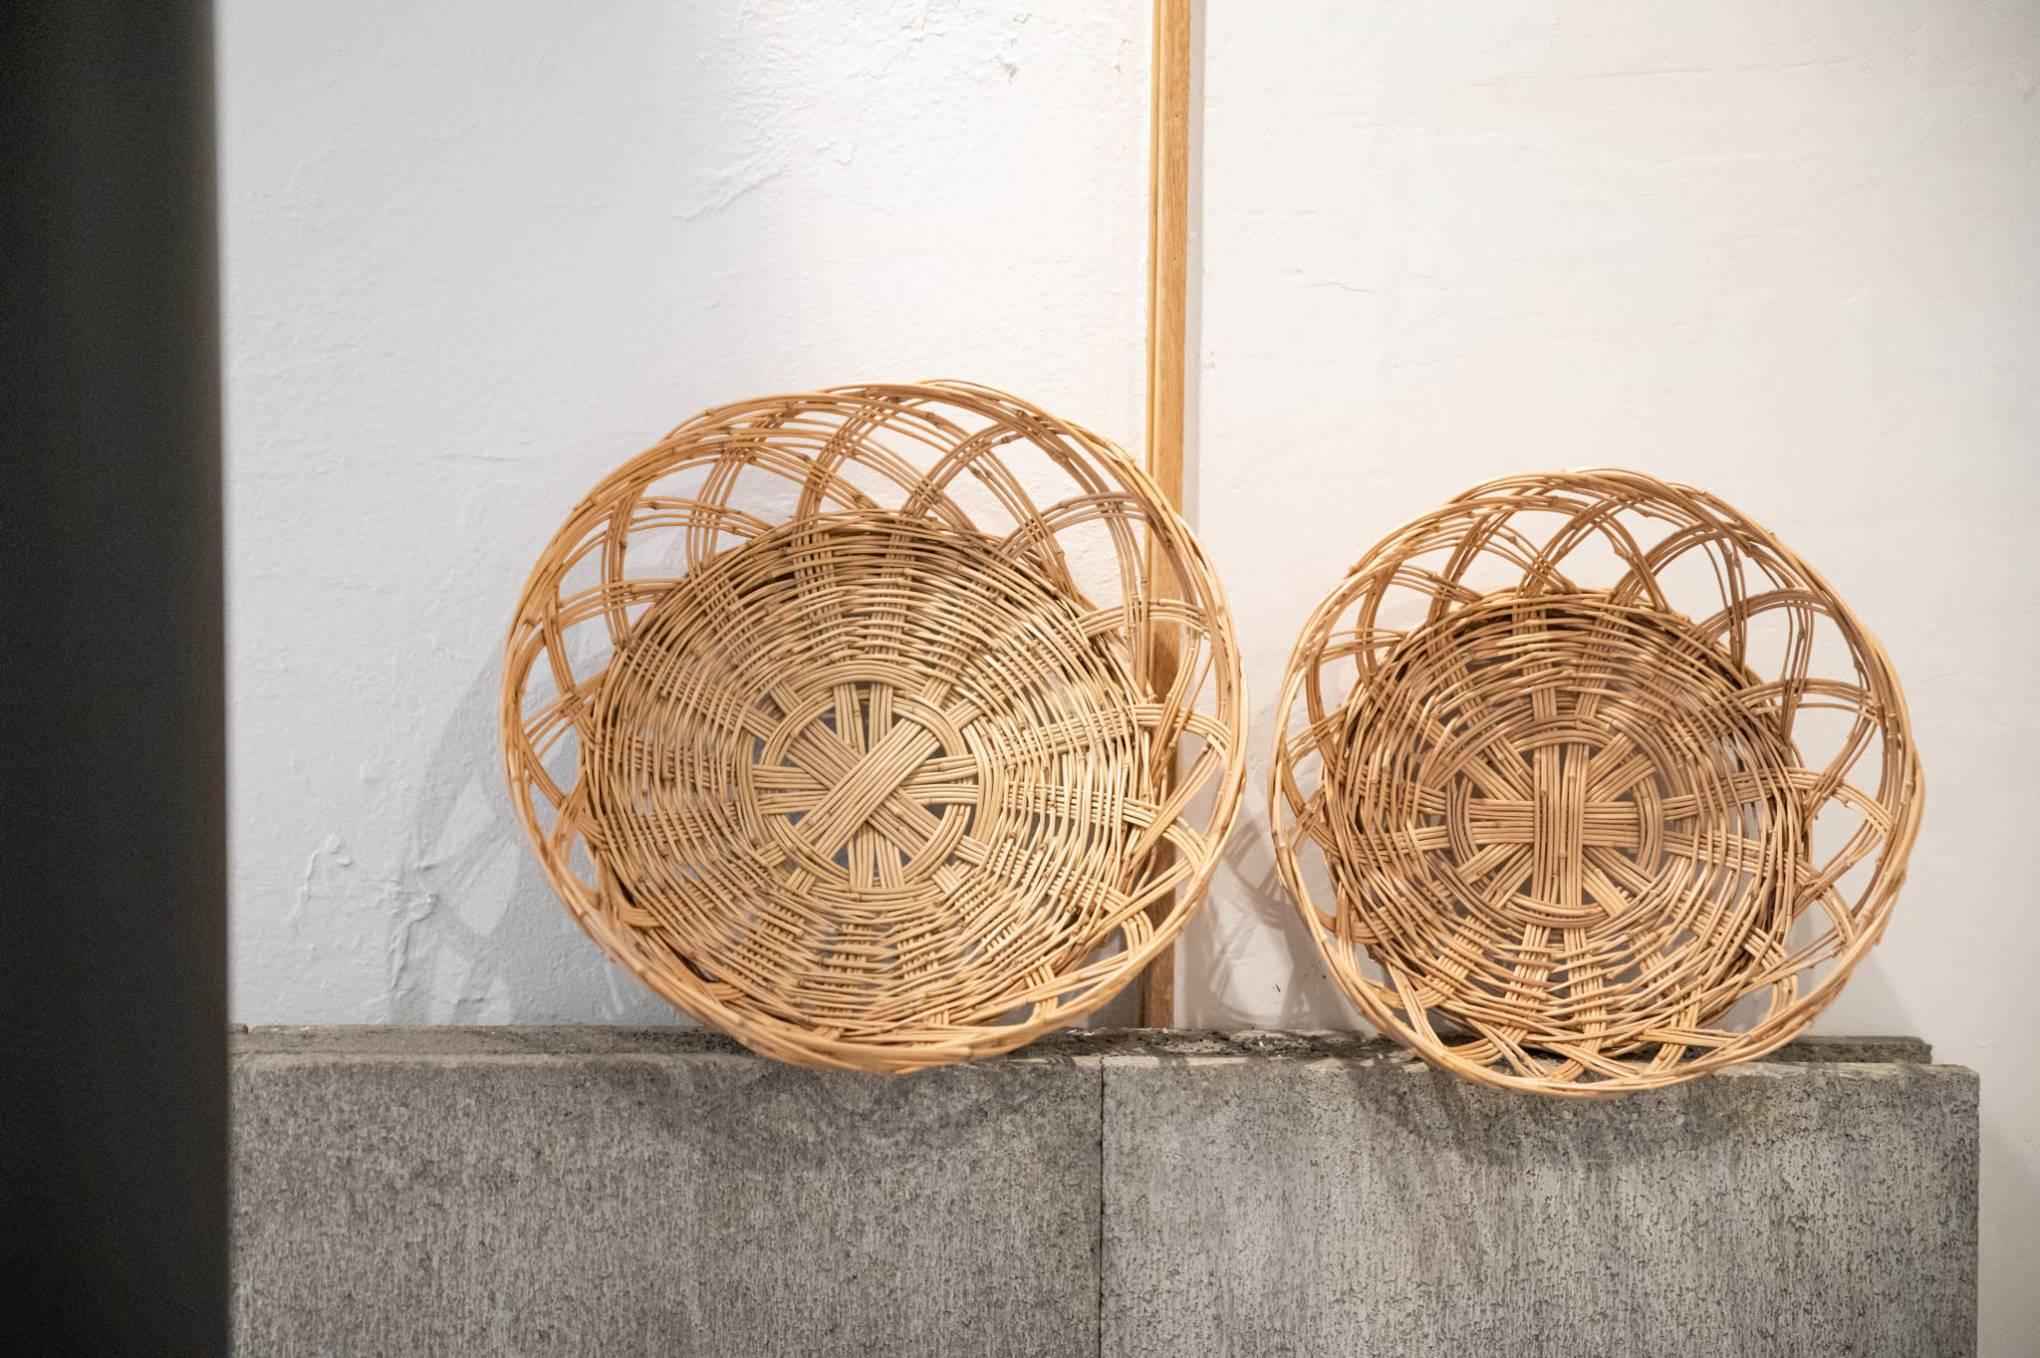 枝里さんが編んだえびらのカゴ。野菜の収穫や干し野菜づくりに使用される。竹かごを編めるようになるのは枝里さんの夢のひとつで、地域のおじいさんに編み方を教えてもらったそうだ。「地域の人には、挨拶に行った先で手打ち蕎麦をご馳走してもらったり『今度うちのブルーベリーを詰みにおいで』と声をかけてもらったりなども日常茶飯事で、とても可愛がってもらいました」